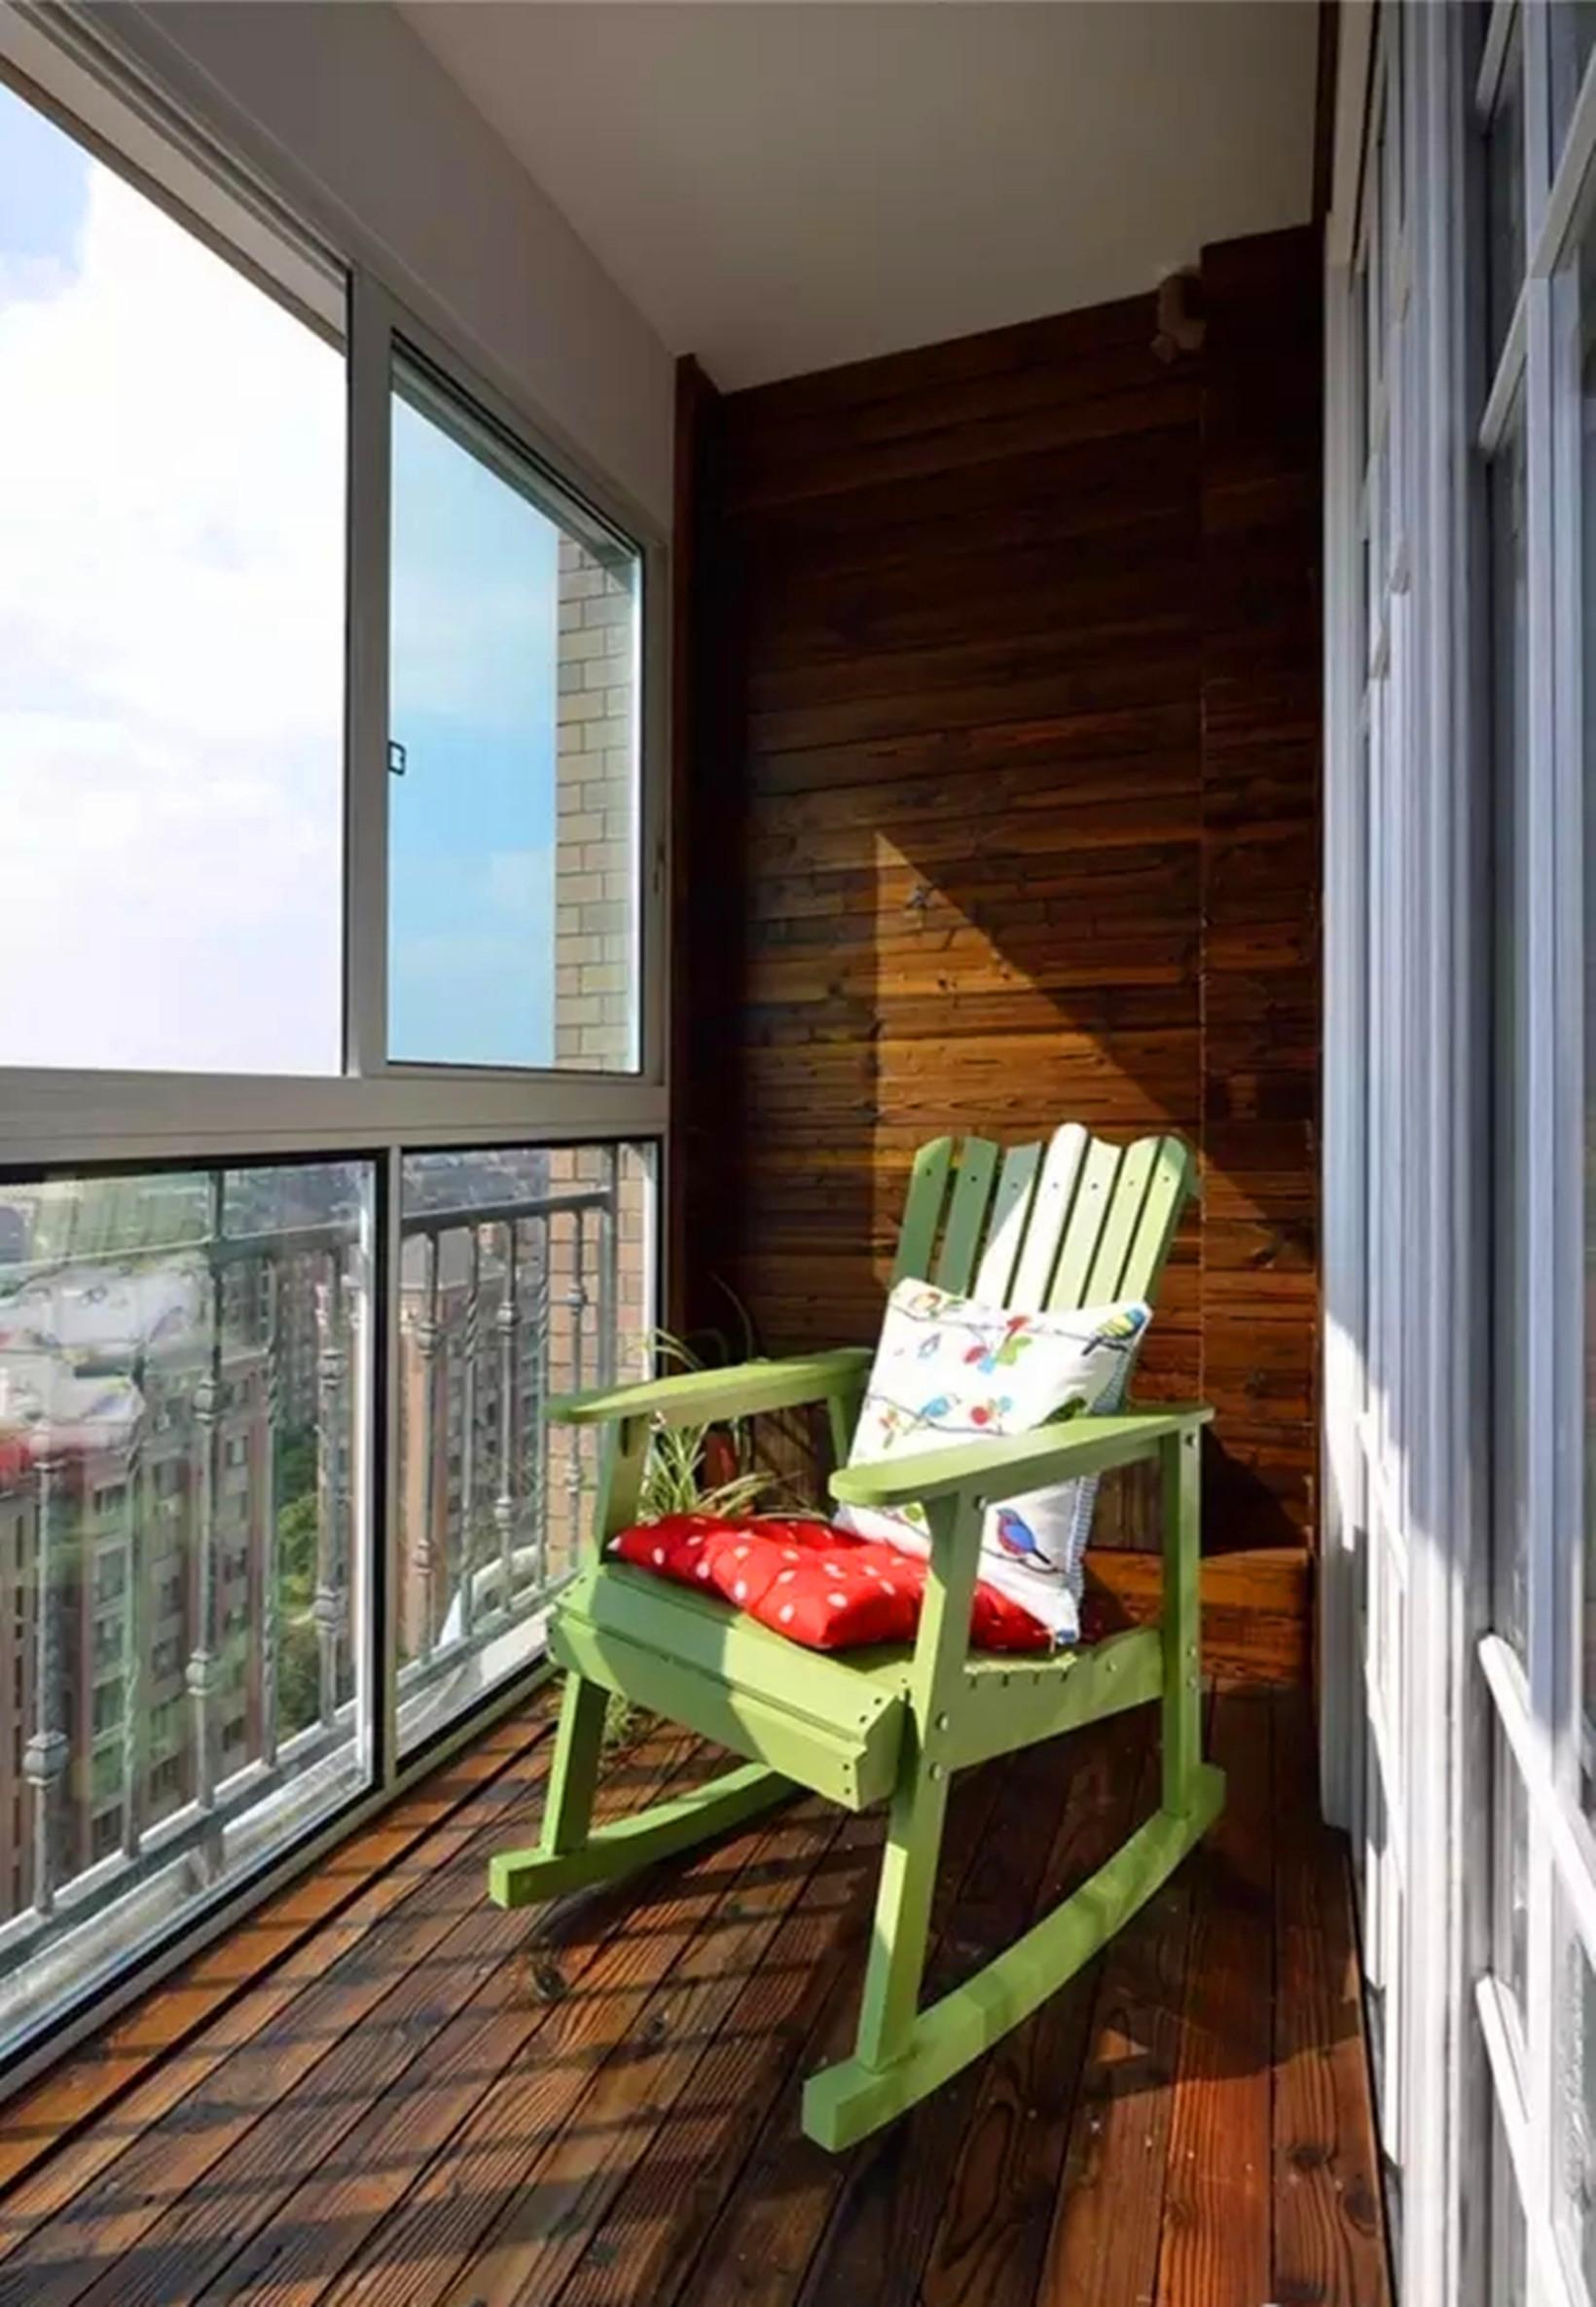 客厅外的休闲阳台用防腐木铺贴墙面和地板,坐着摇椅享受清晨的阳光